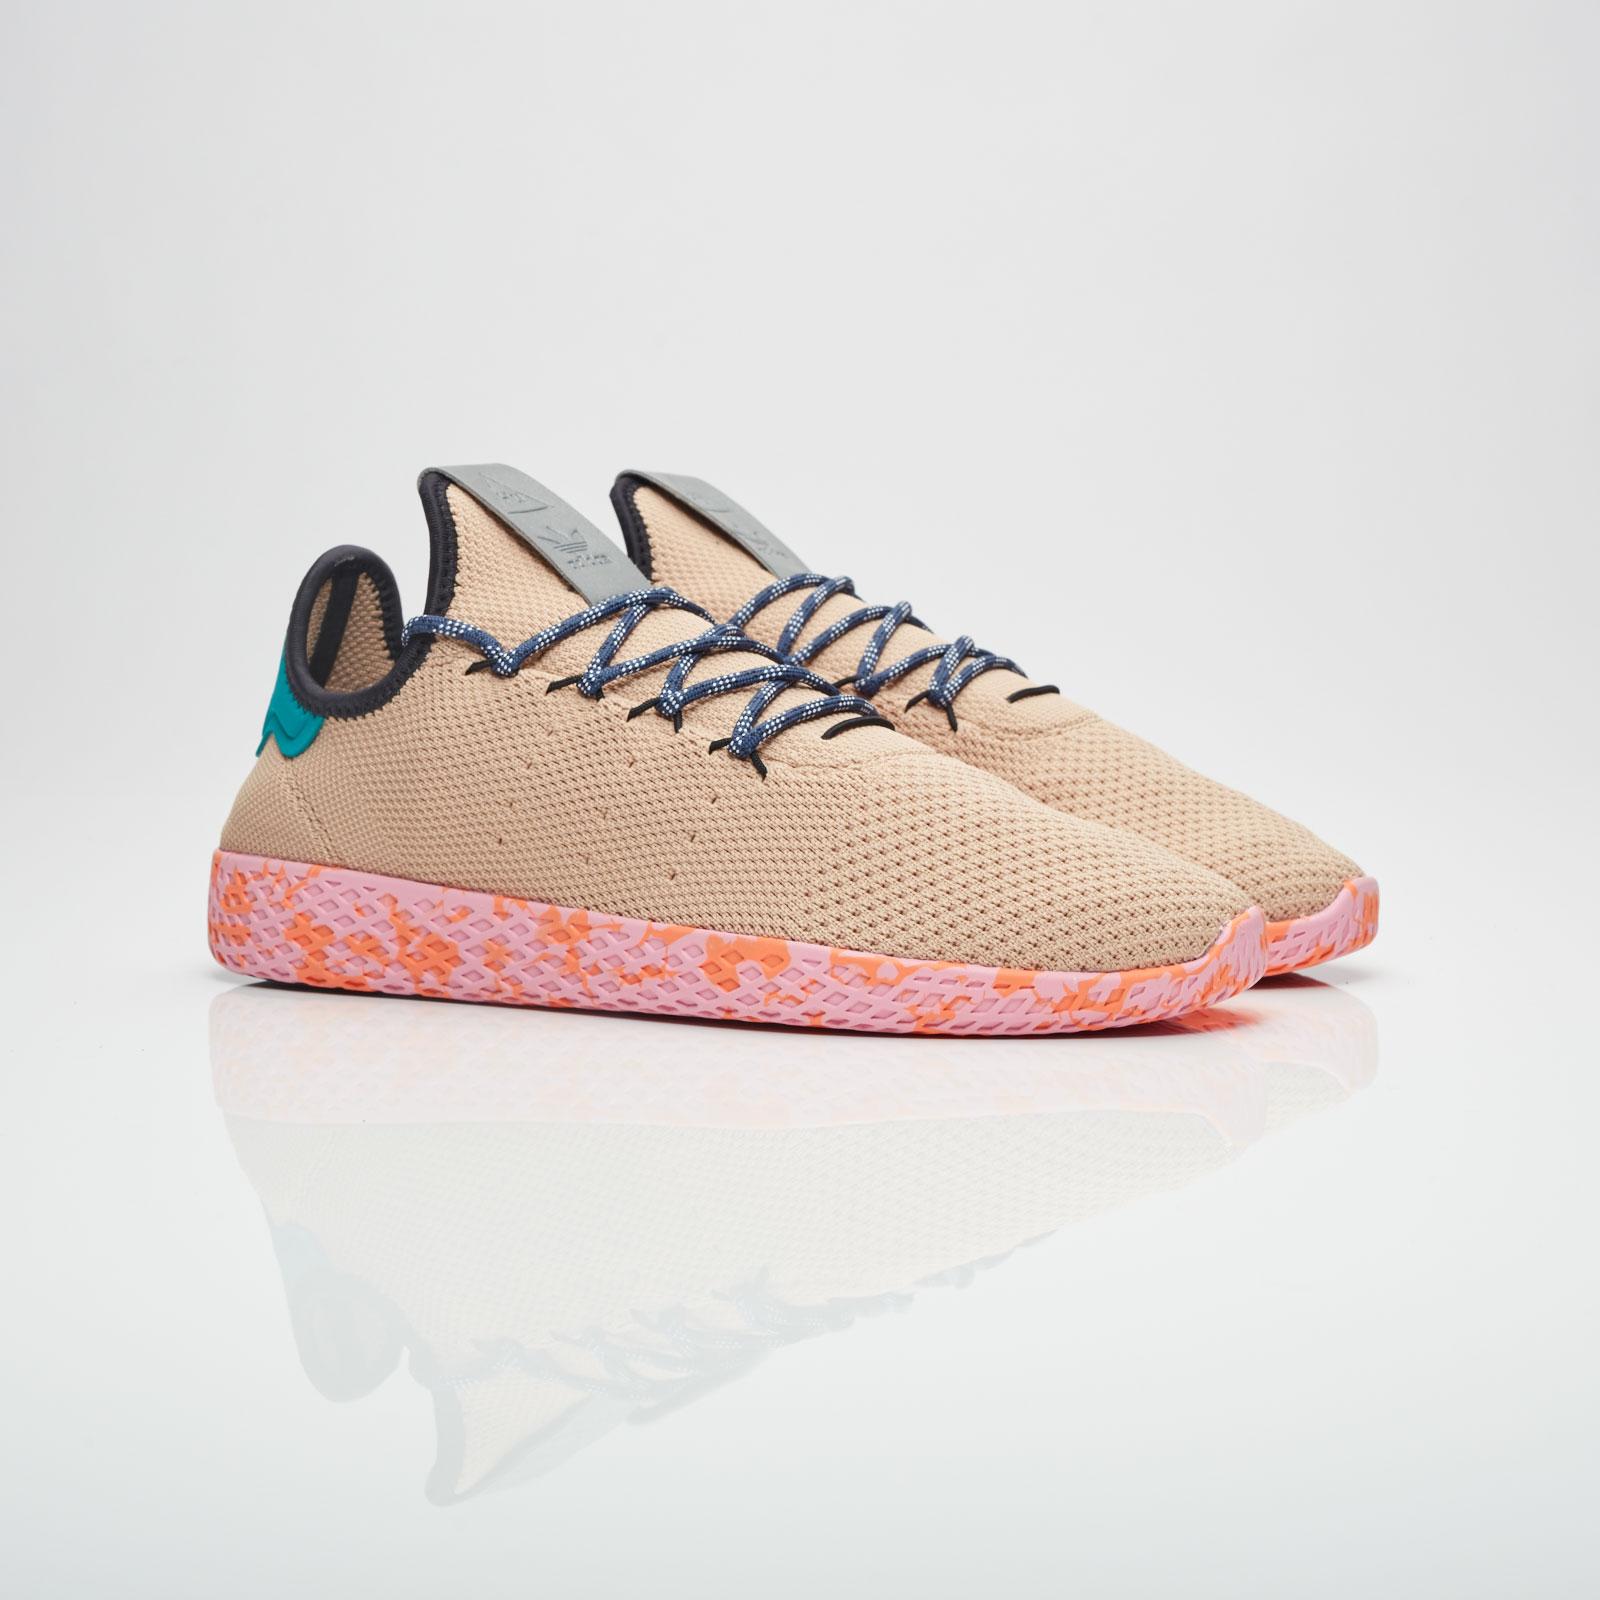 Adidas Pw Tennis Hu By2672 Sneakersnstuff Sneakers